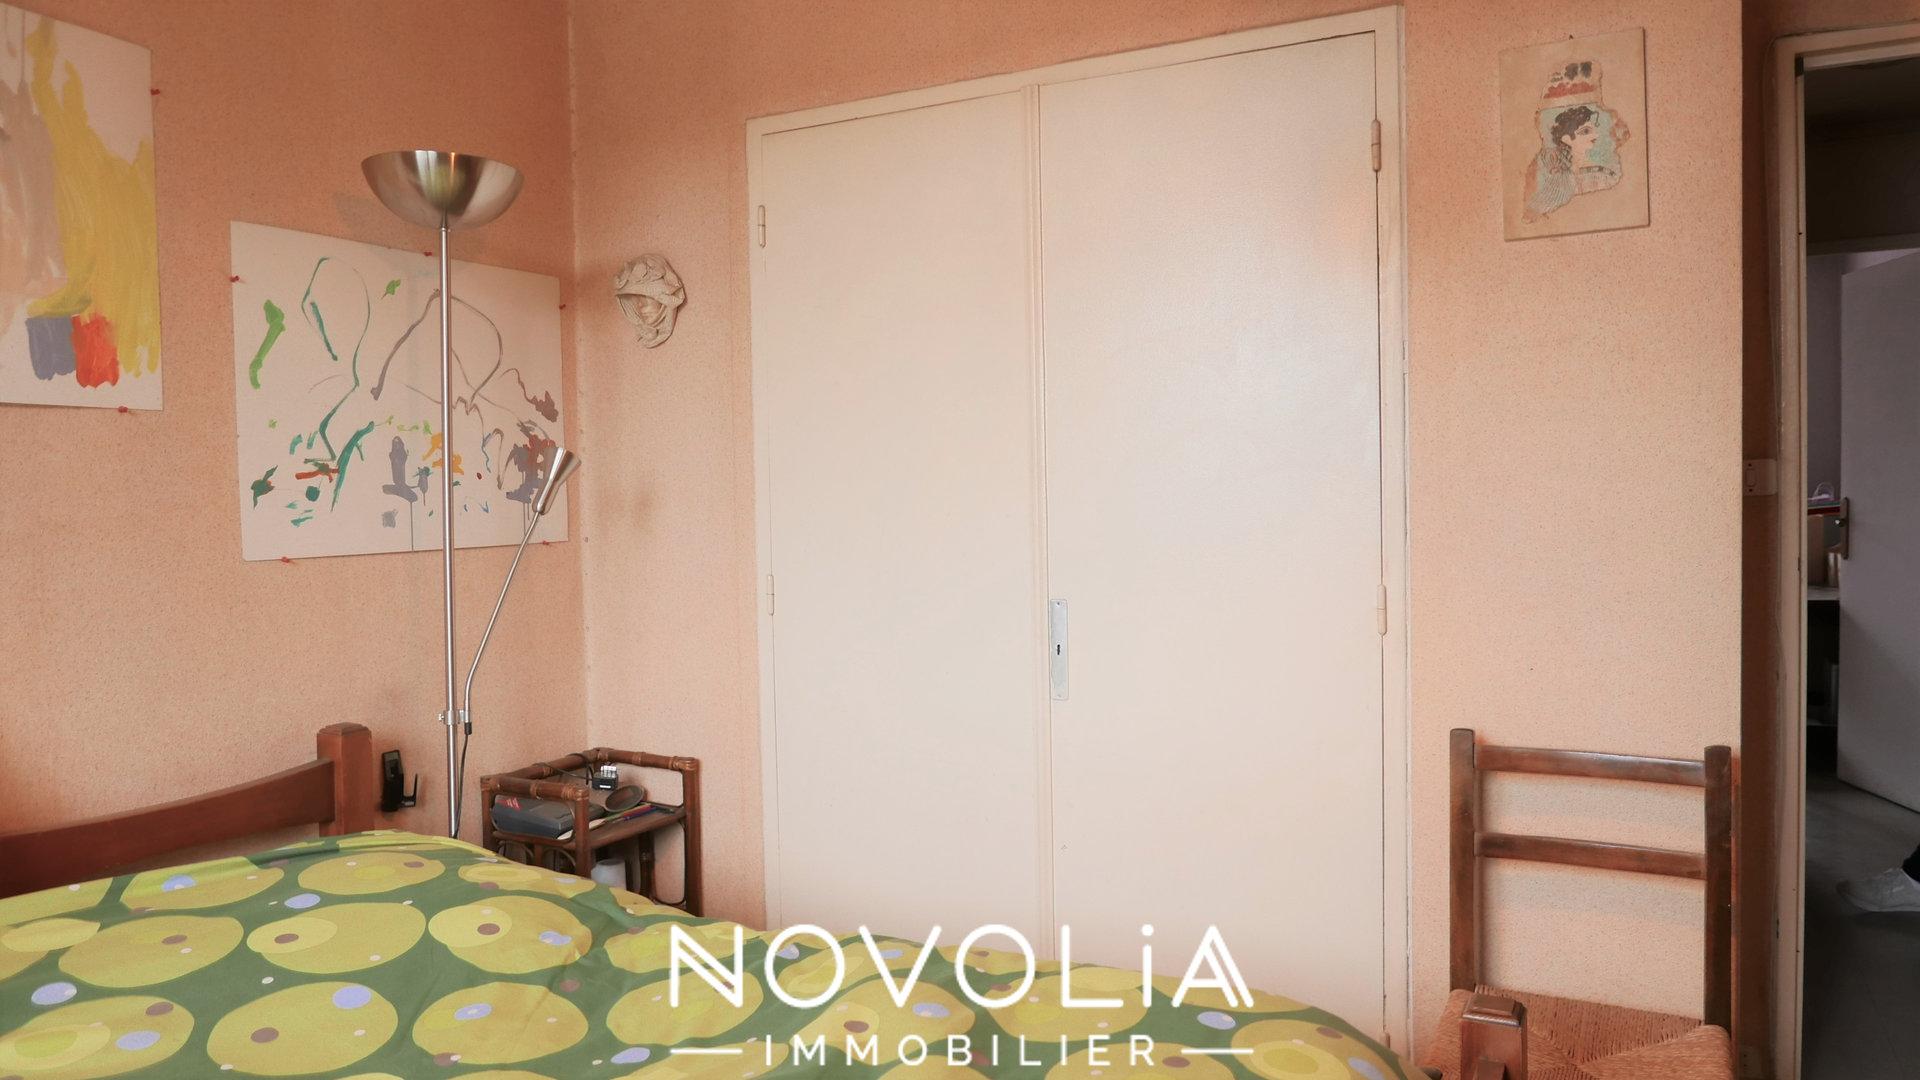 Achat Appartement, Surface de 58.7 m²/ Total carrez : 56 m², 3 pièces, Vénissieux (69200)